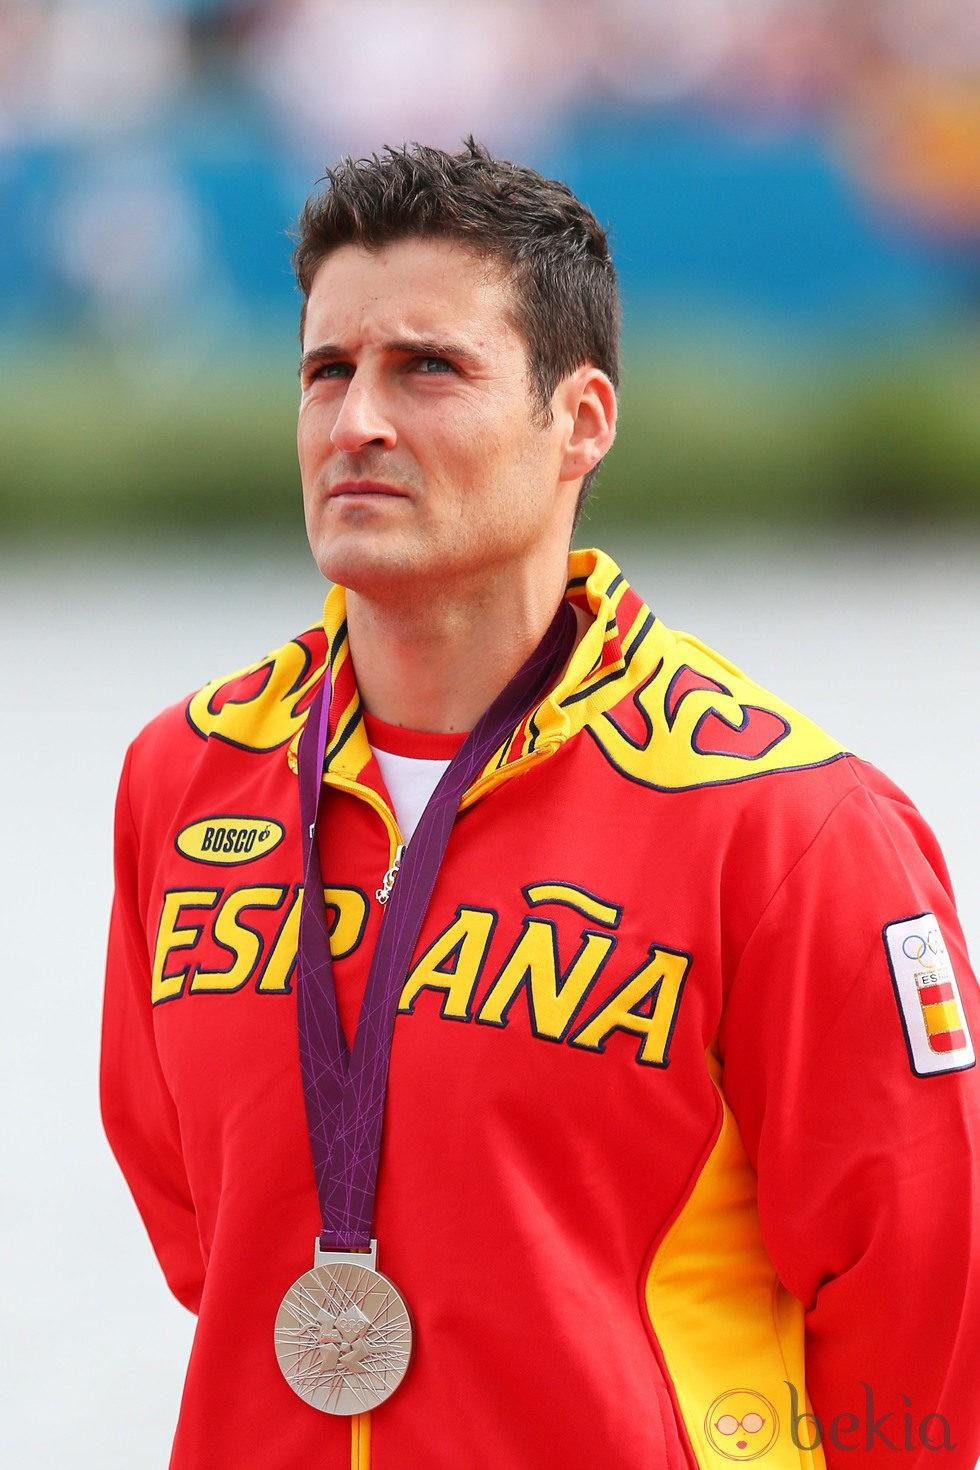 David Cal tras ganar la medalla de plata en los Juegos Olímpicos de Londres 2012